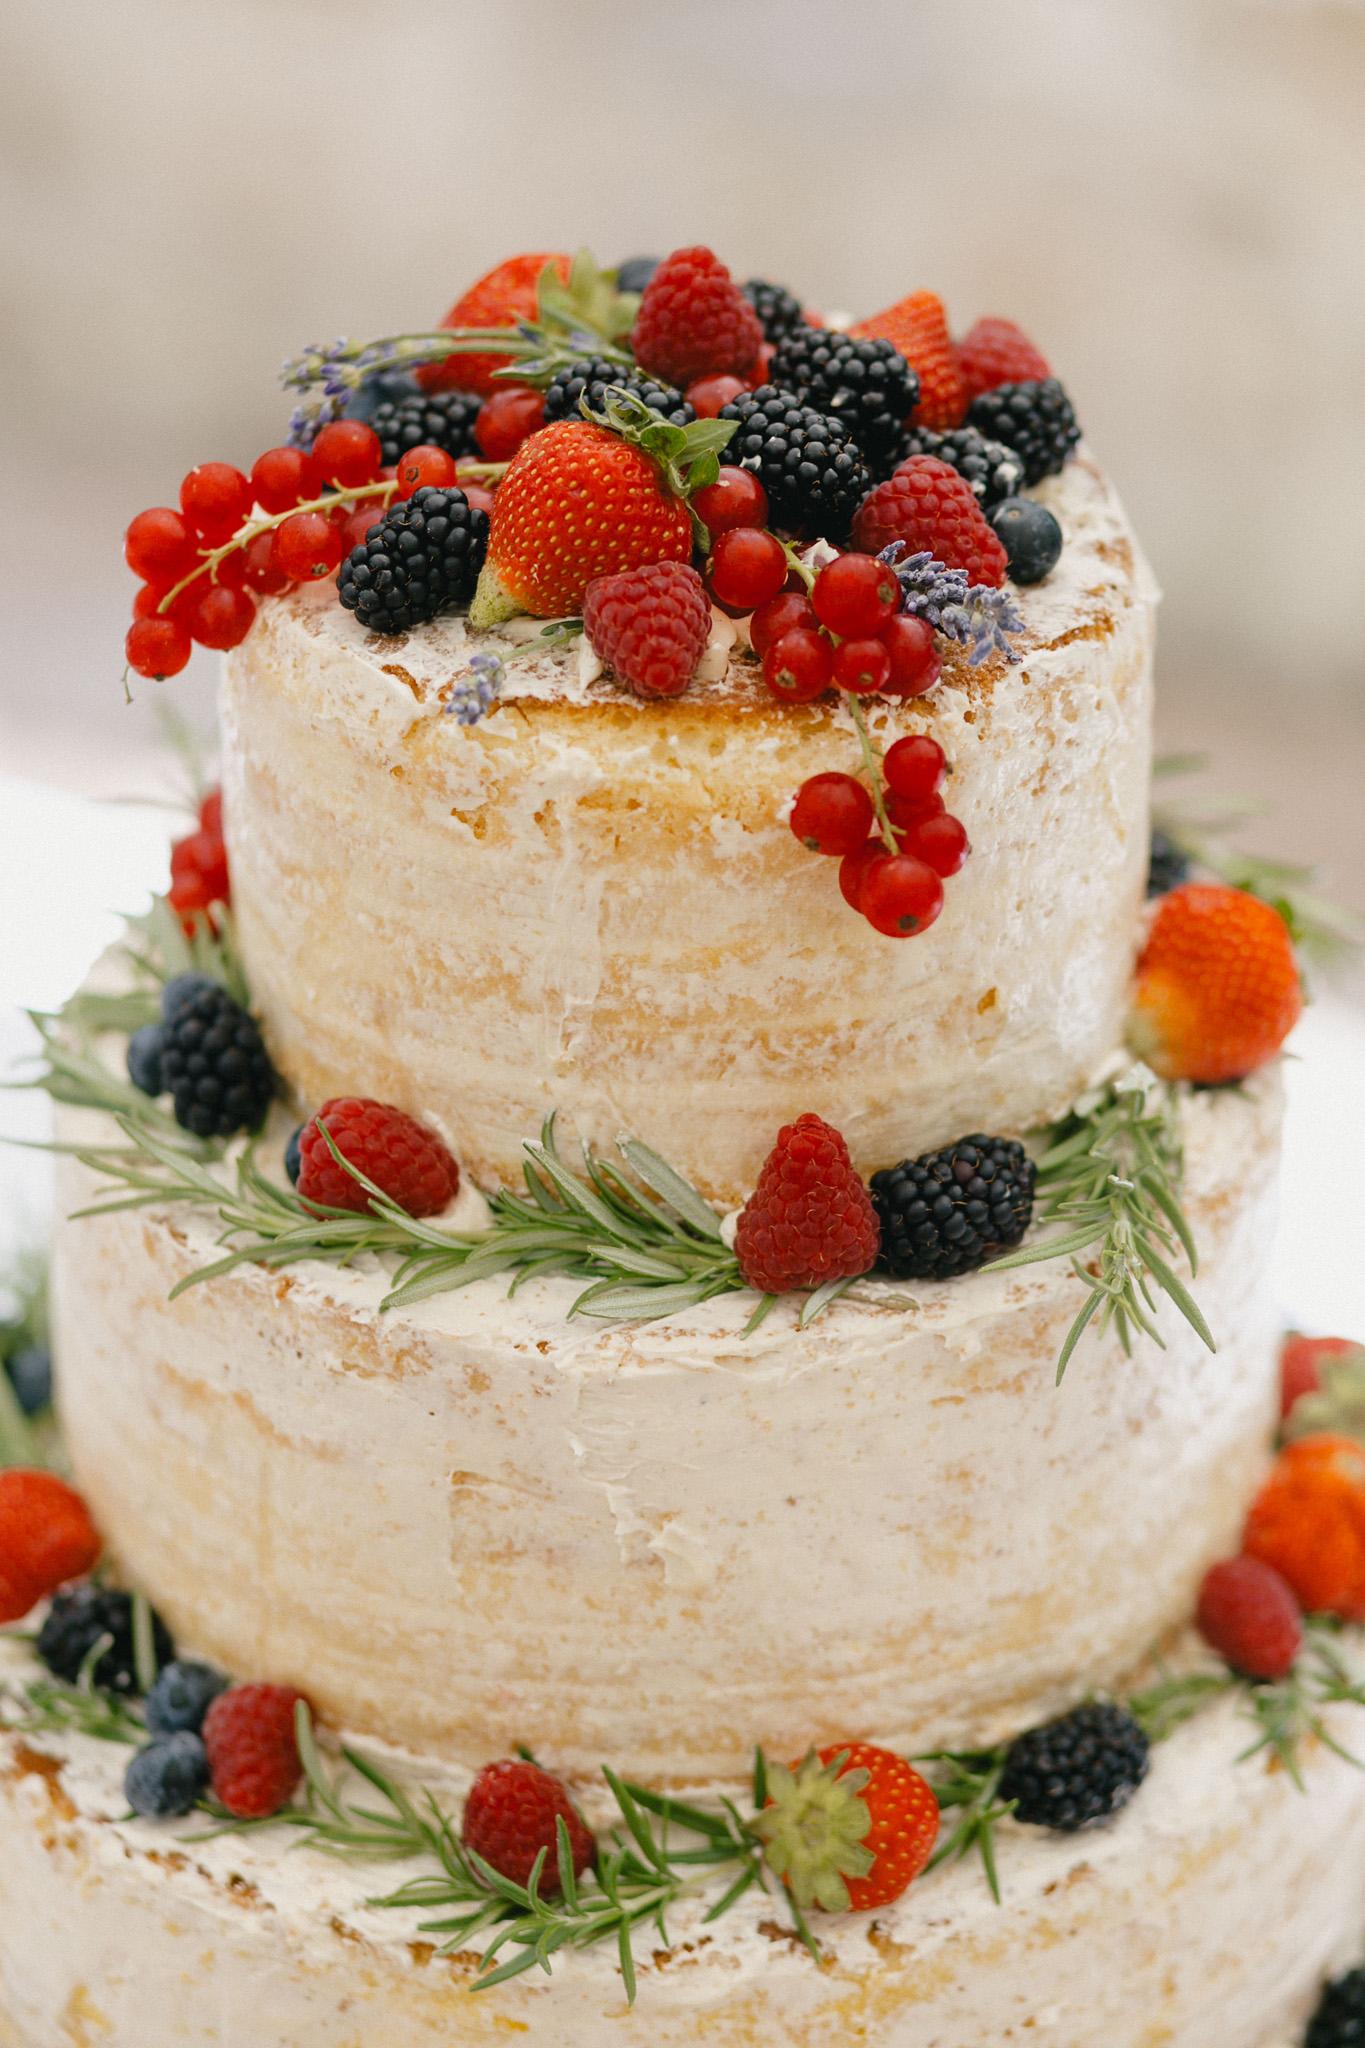 Hochzeitstorte mit Früchten Erdbeeren Brombeeren, Semi Naked Cake Hochzeit Erdbeeren